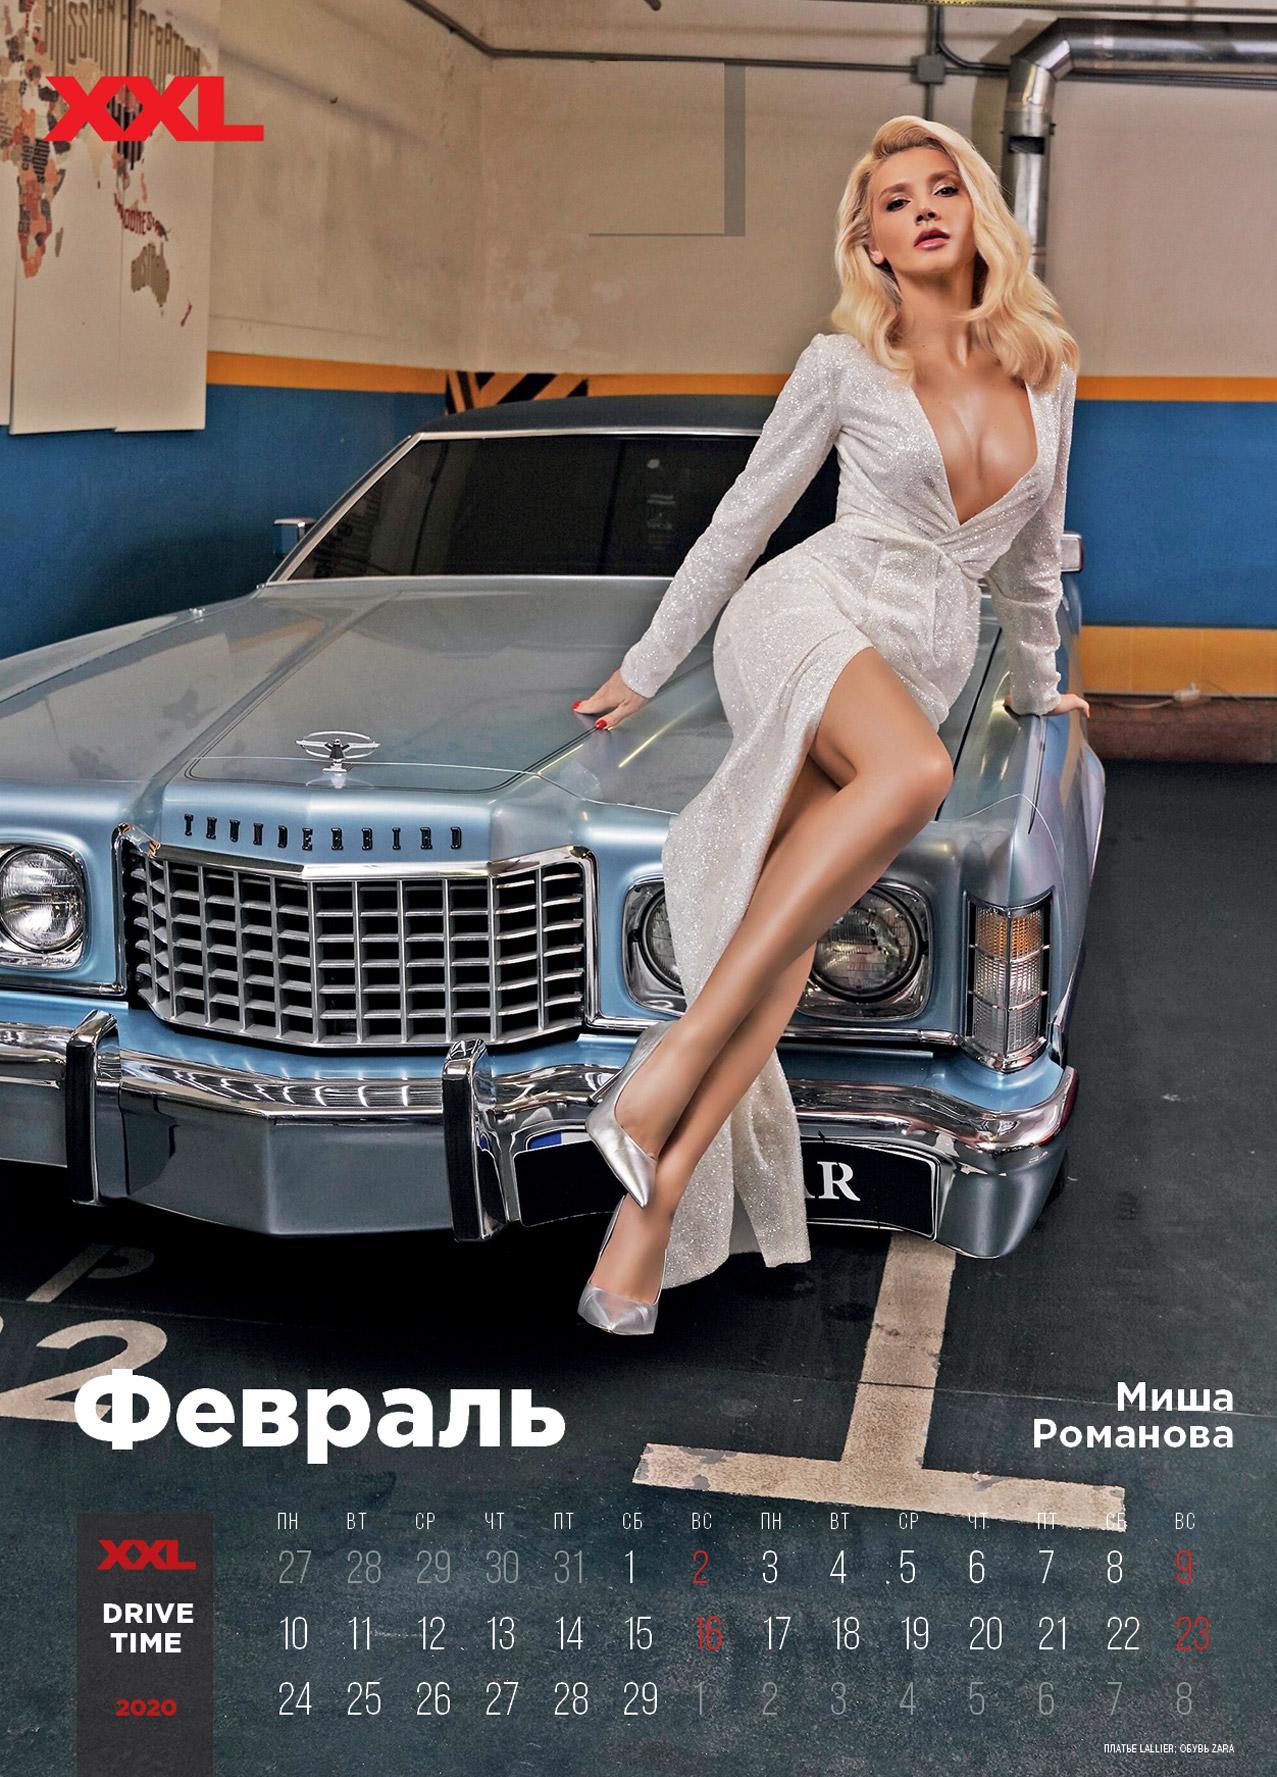 календарь журнала XXL Украина на 2020 год / февраль - Миша Романова